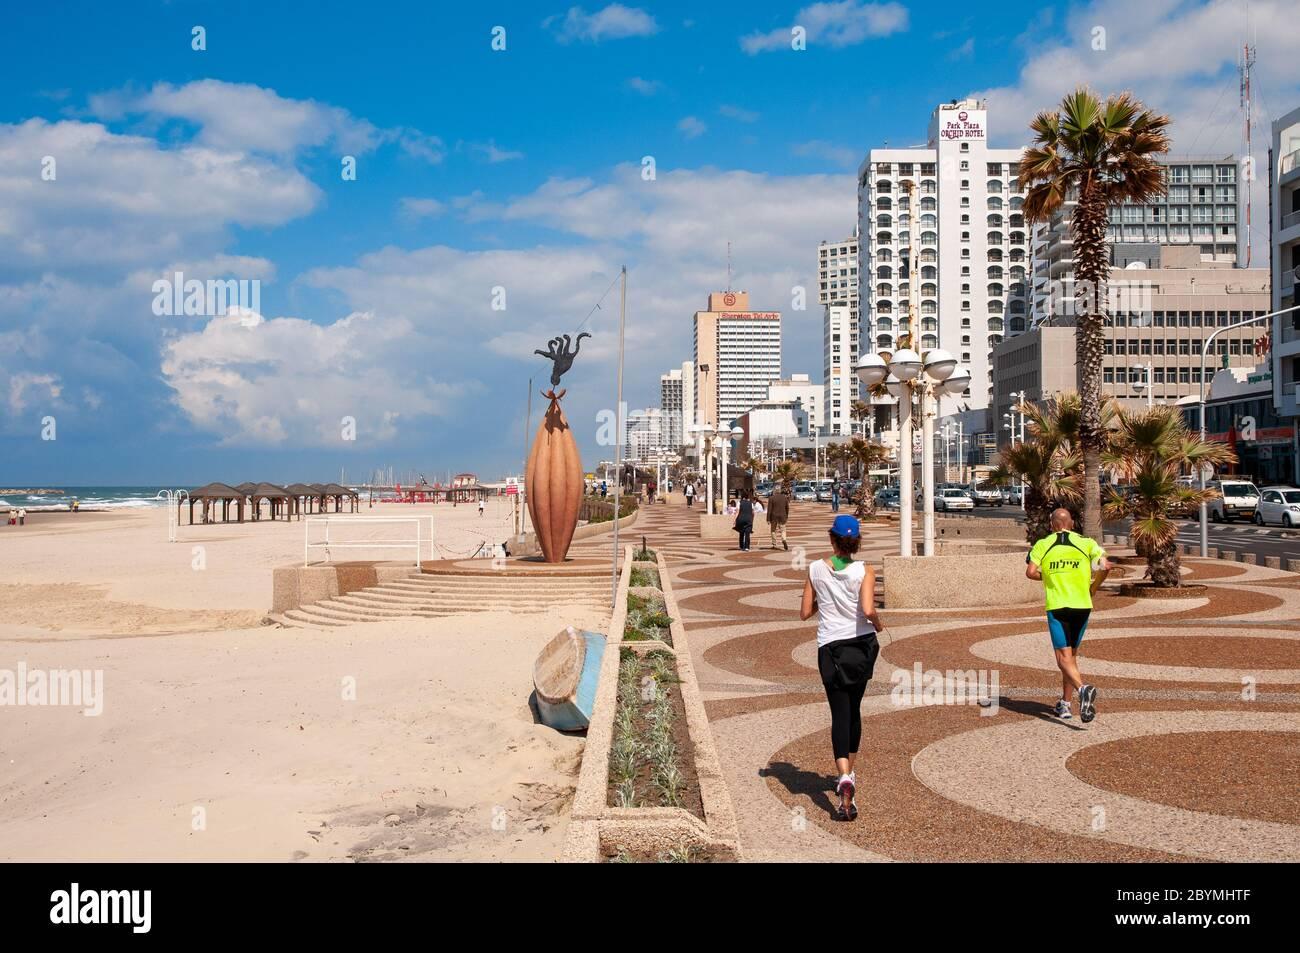 La promenade de bord de mer, Tel Aviv, Israël Banque D'Images